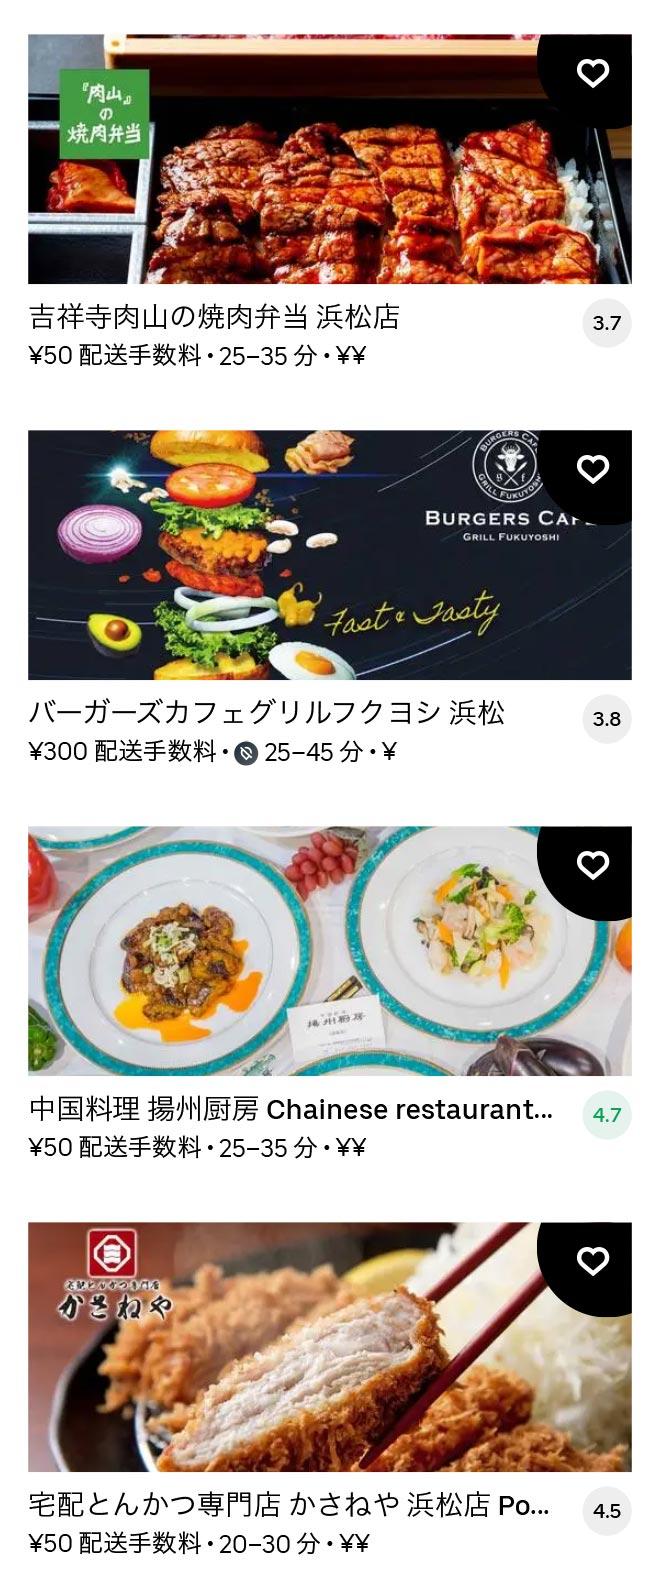 Hikuma menu 2011 11